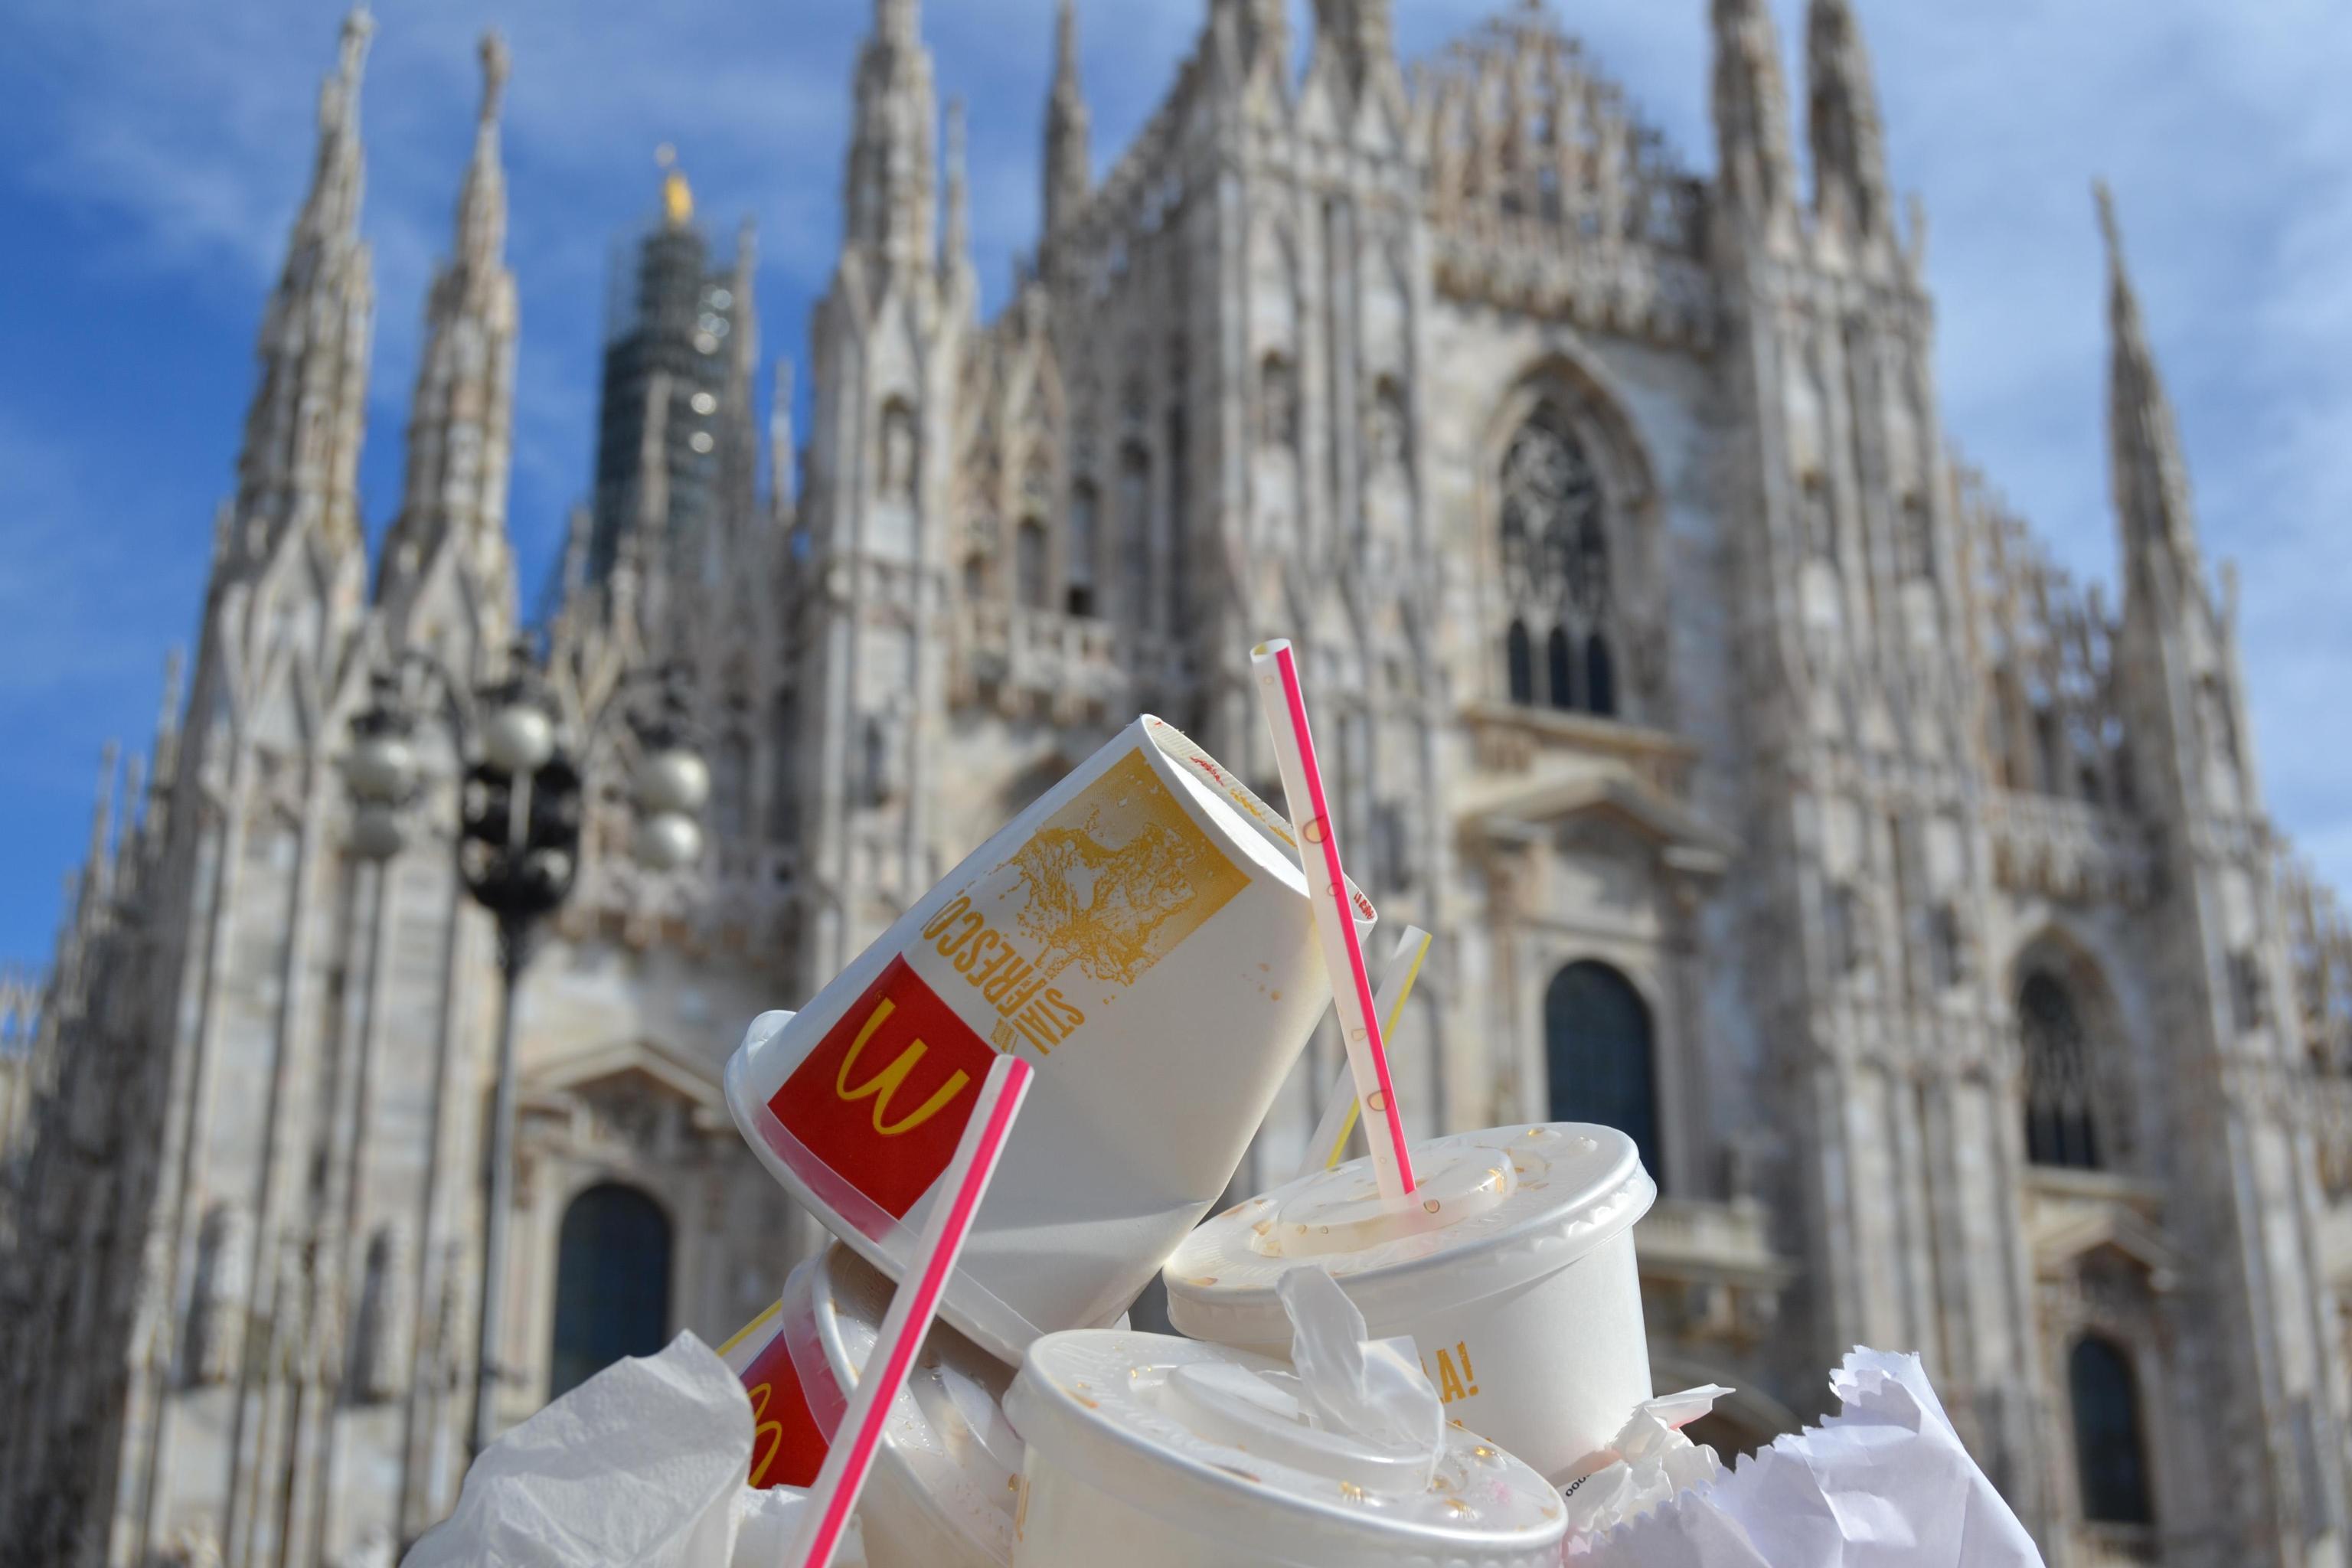 McDonald's Milano: vigilantes accoltellato dagli extracomunitari molesti che aveva allontanato